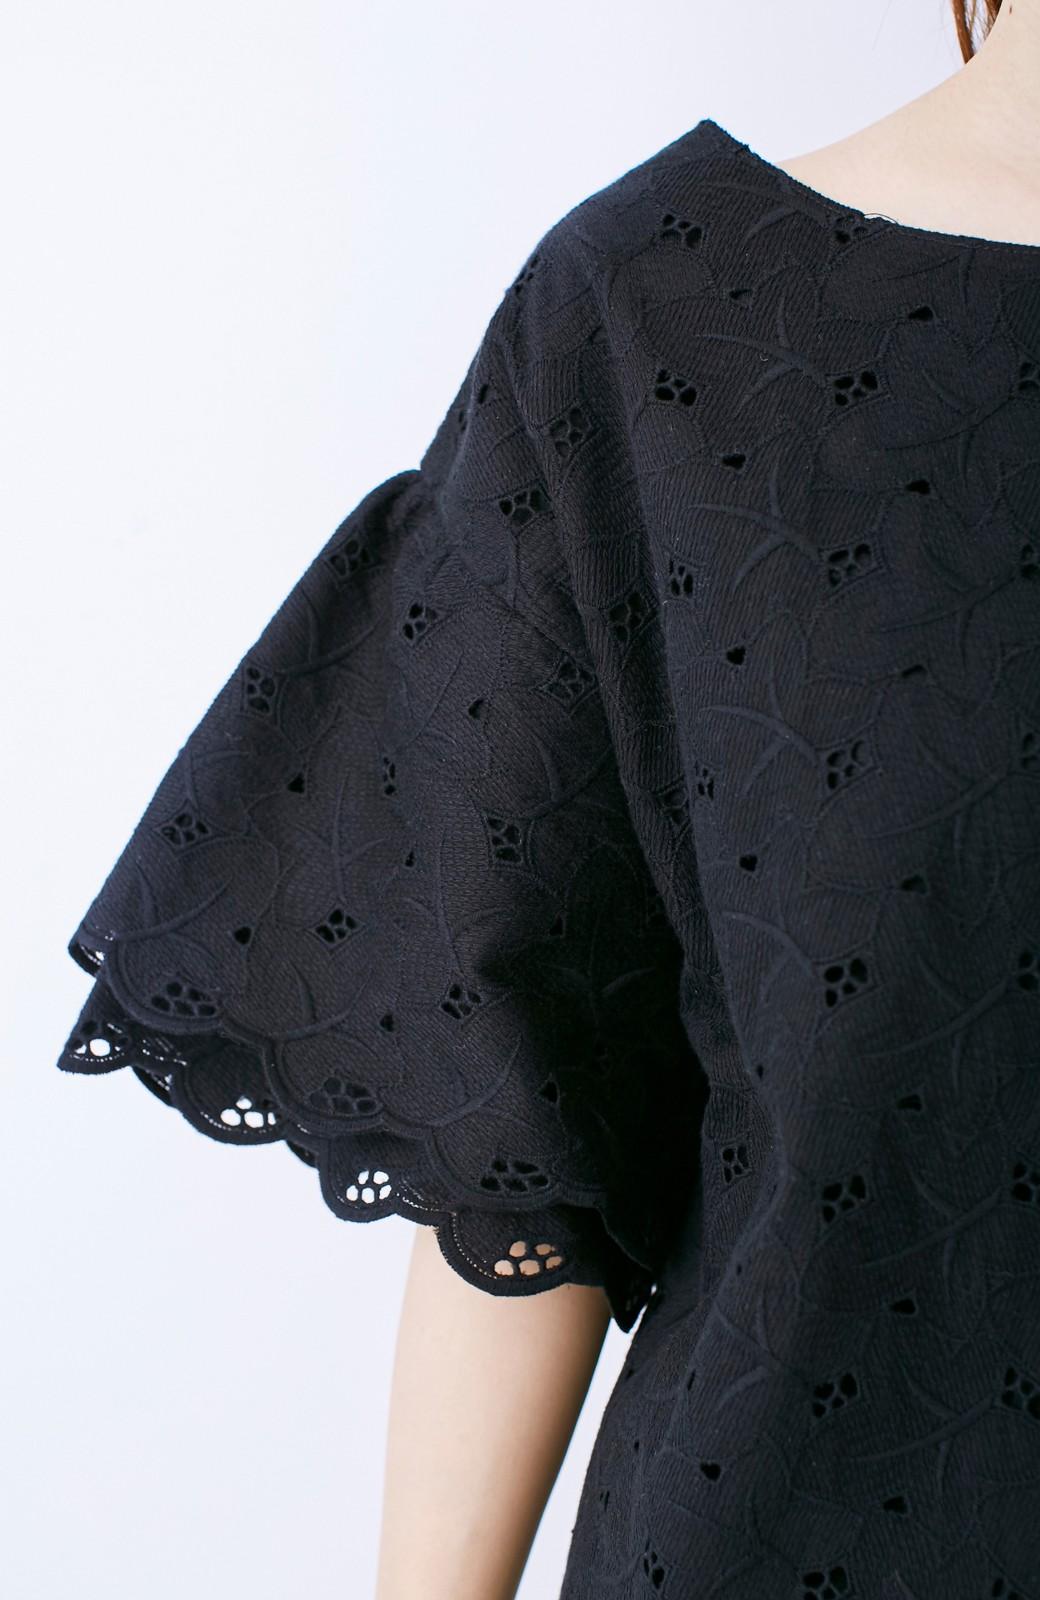 エムトロワ Tシャツ感覚で着られる フラワーレースのティアードスリーブトップス <ブラック>の商品写真4